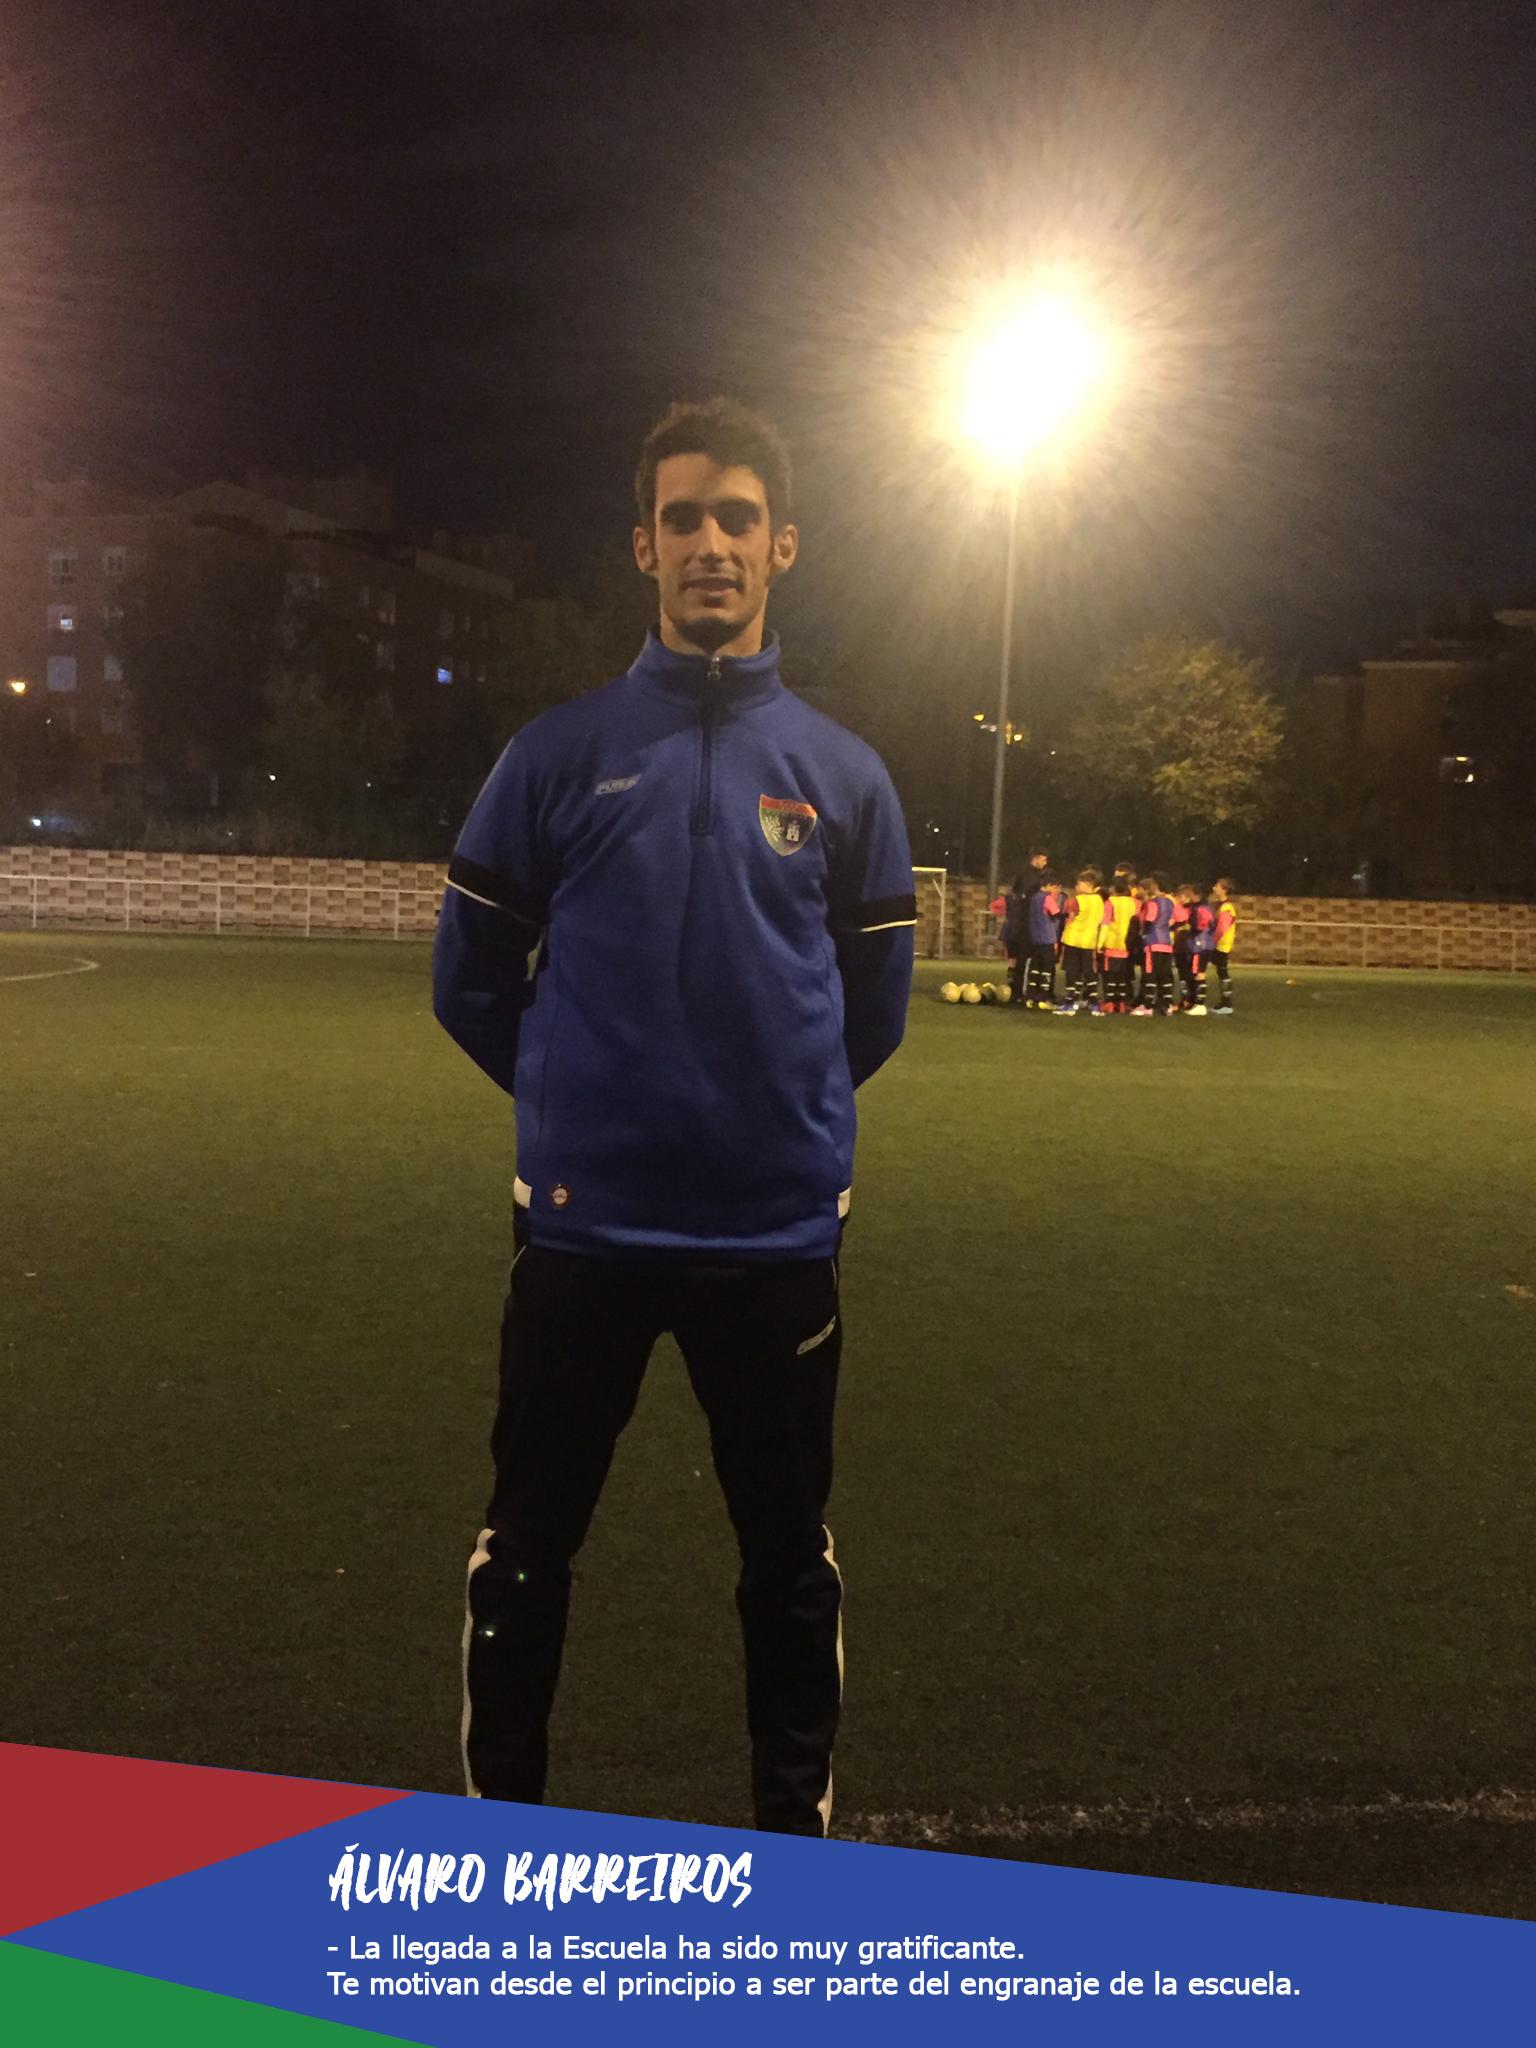 ENTREVISTA | Alvaro Barreiros: «La llegada a la Escuela ha sido muy gratificante. Te motivan desde el principio a ser parte del engranaje de la Escuela»